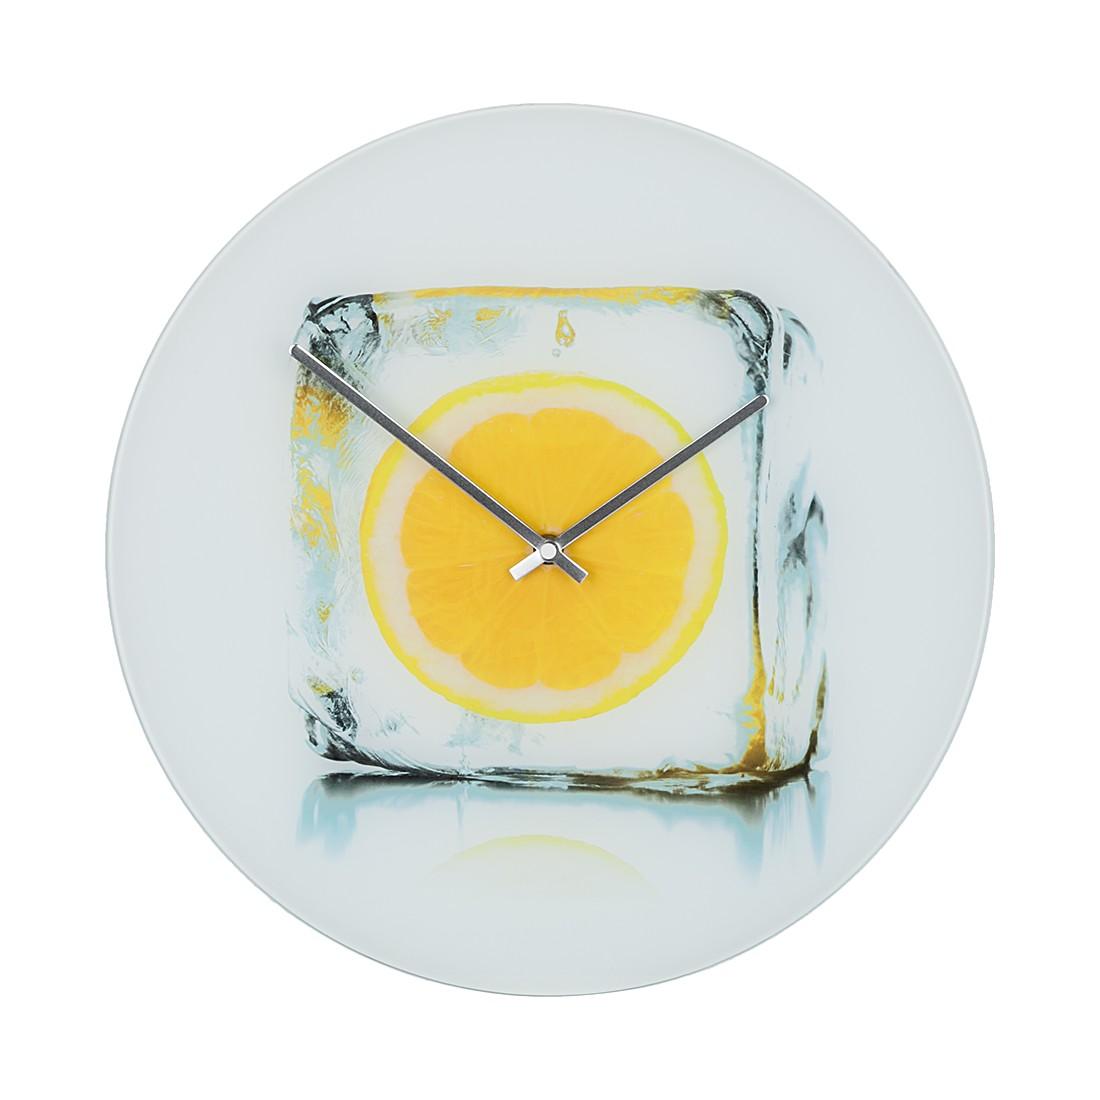 Home 24 - Pendule icy lemon, pro art